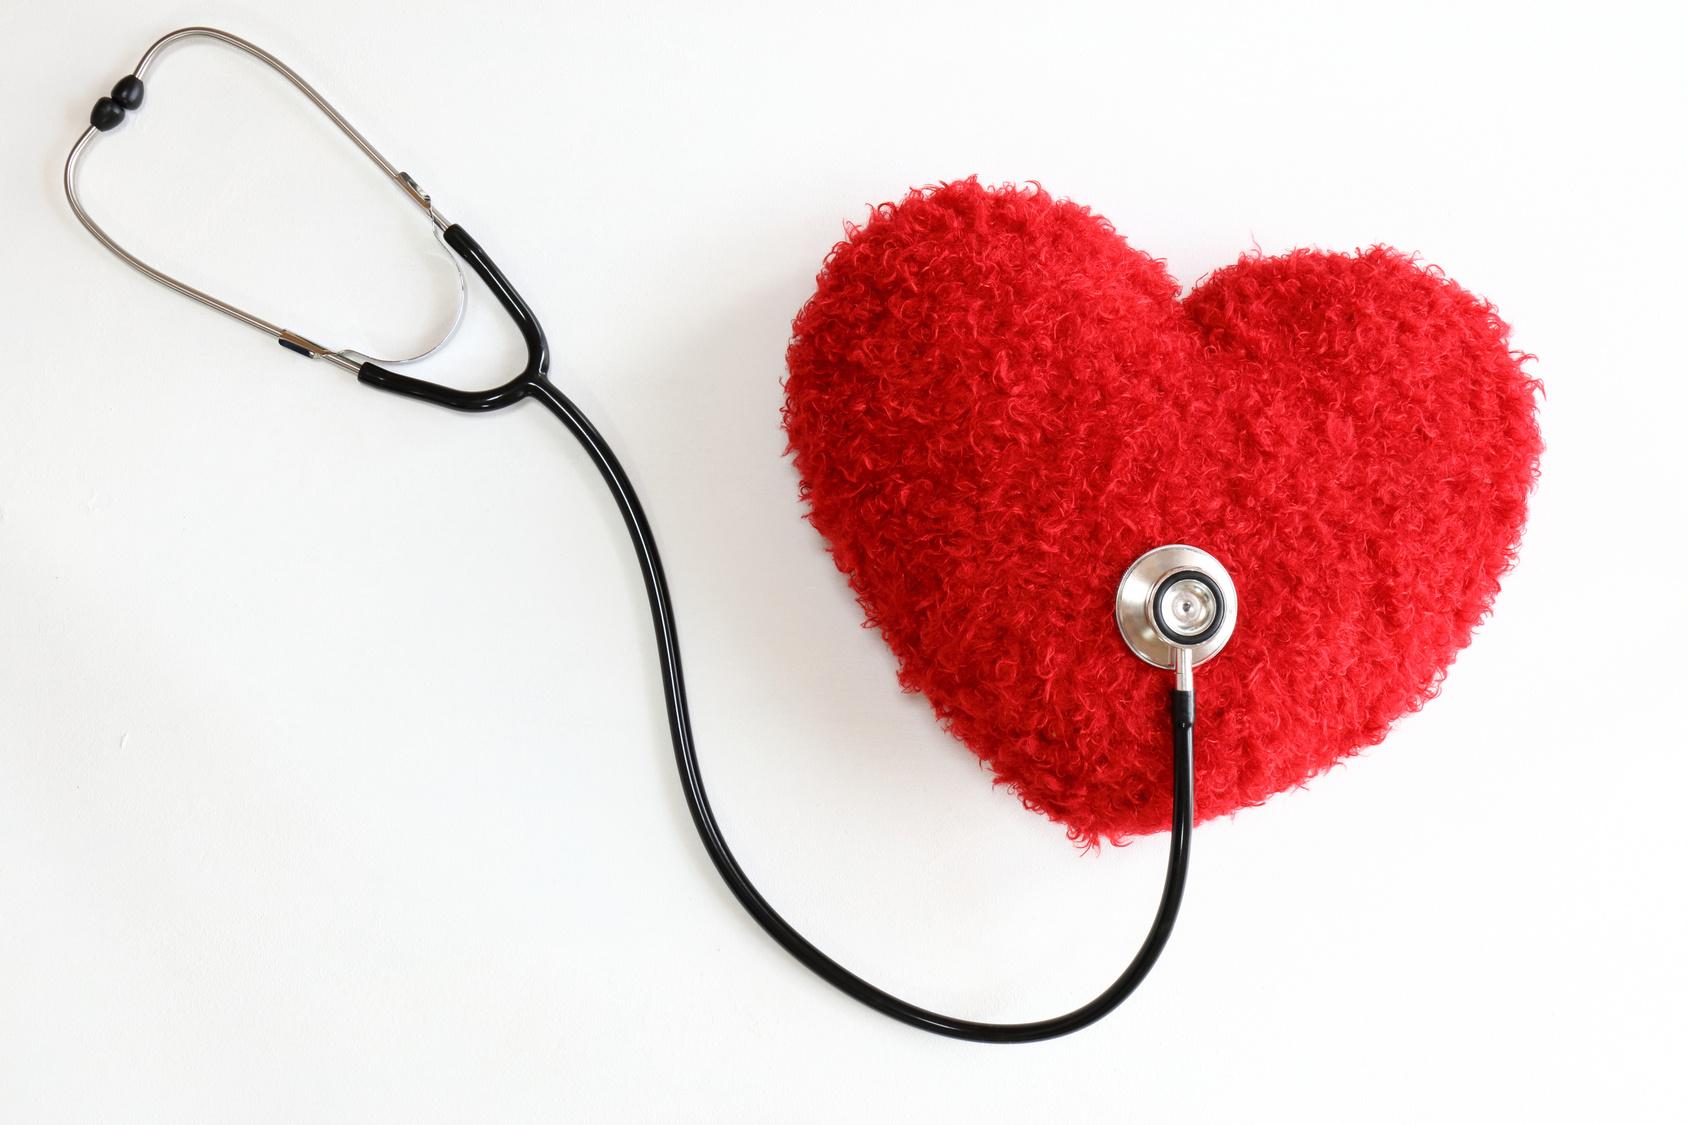 急性大動脈解離の手術は年間4件しているかどうかで生存率に大きく差が出る!